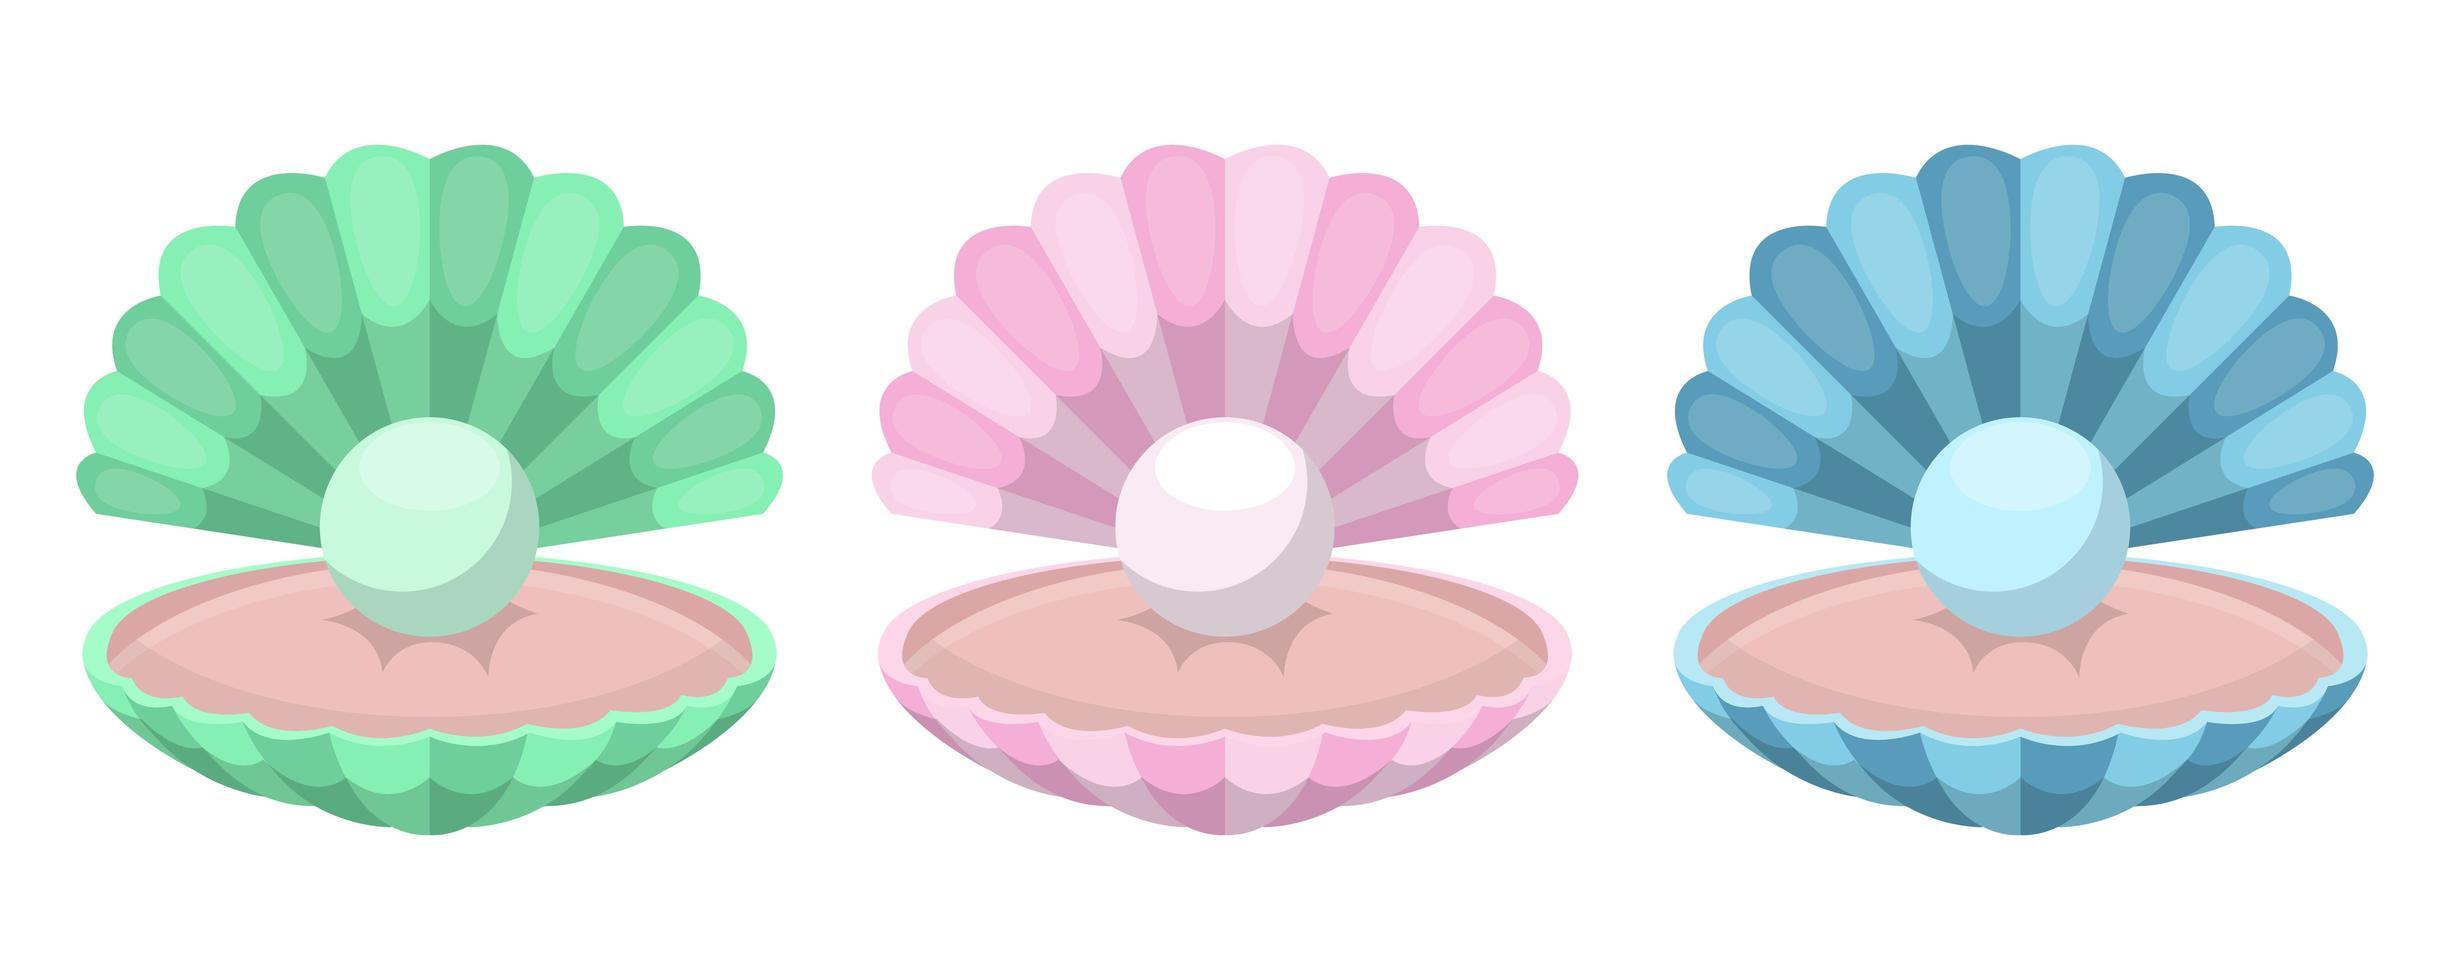 Muschel mit Perle vektor